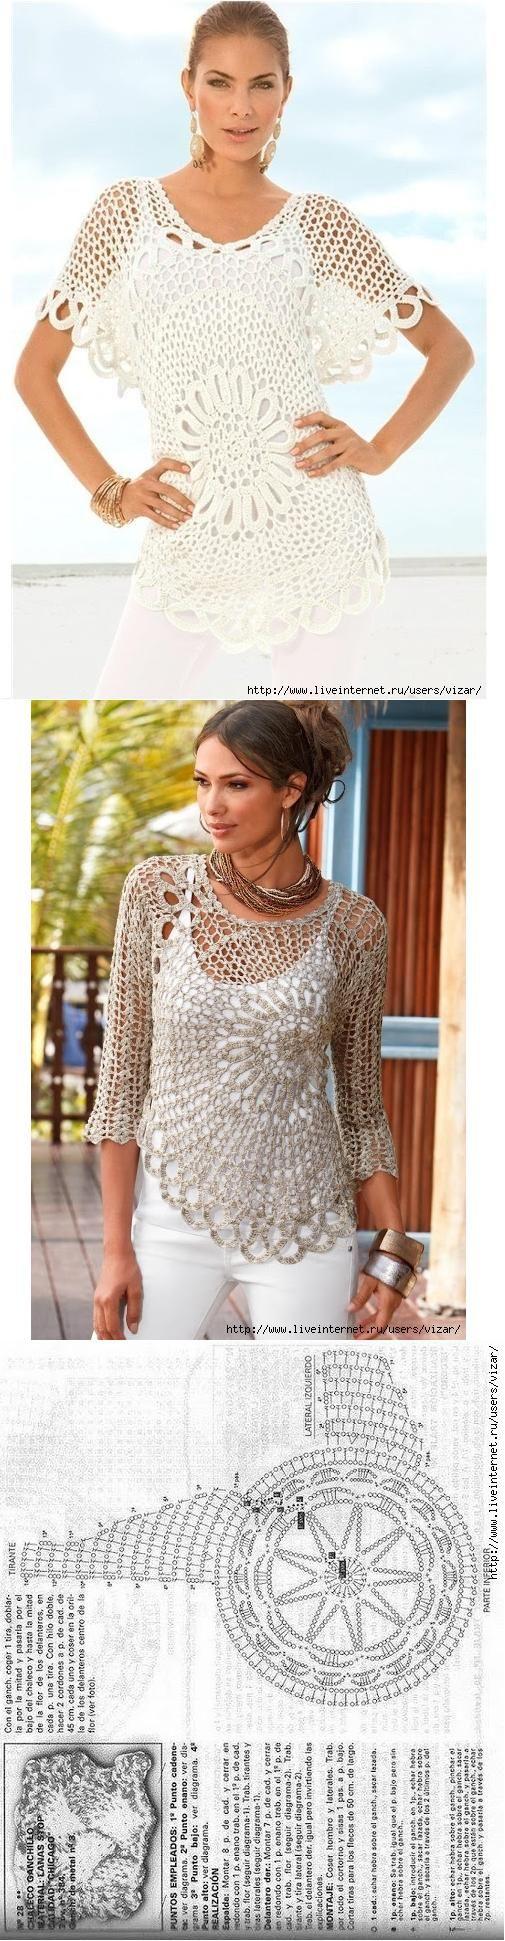 Duas blusas, bem parecidas. Adoro esses modelos circulares, afinam a silhueta e são lindos demais.